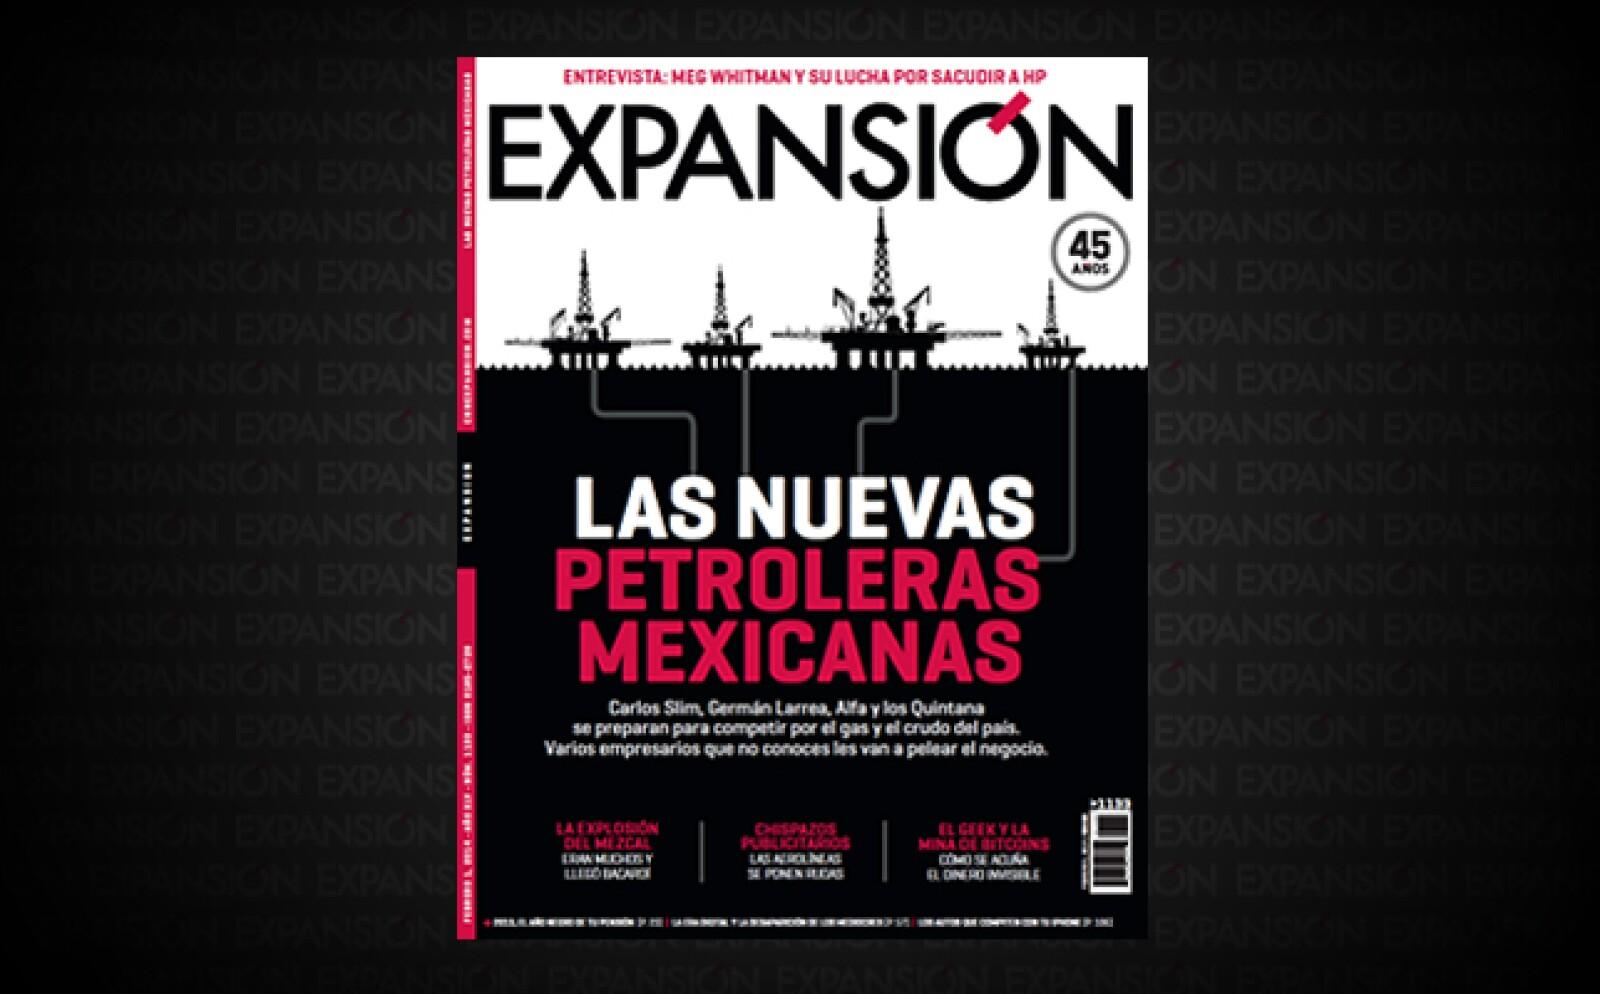 Tras la aprobación de la reforma energética en diciembre de 2013, la revista publicó un especial sobre las empresas mexicanas interesadas y mejor posicionadas para convertirse en las nuevas petroleras independientes.